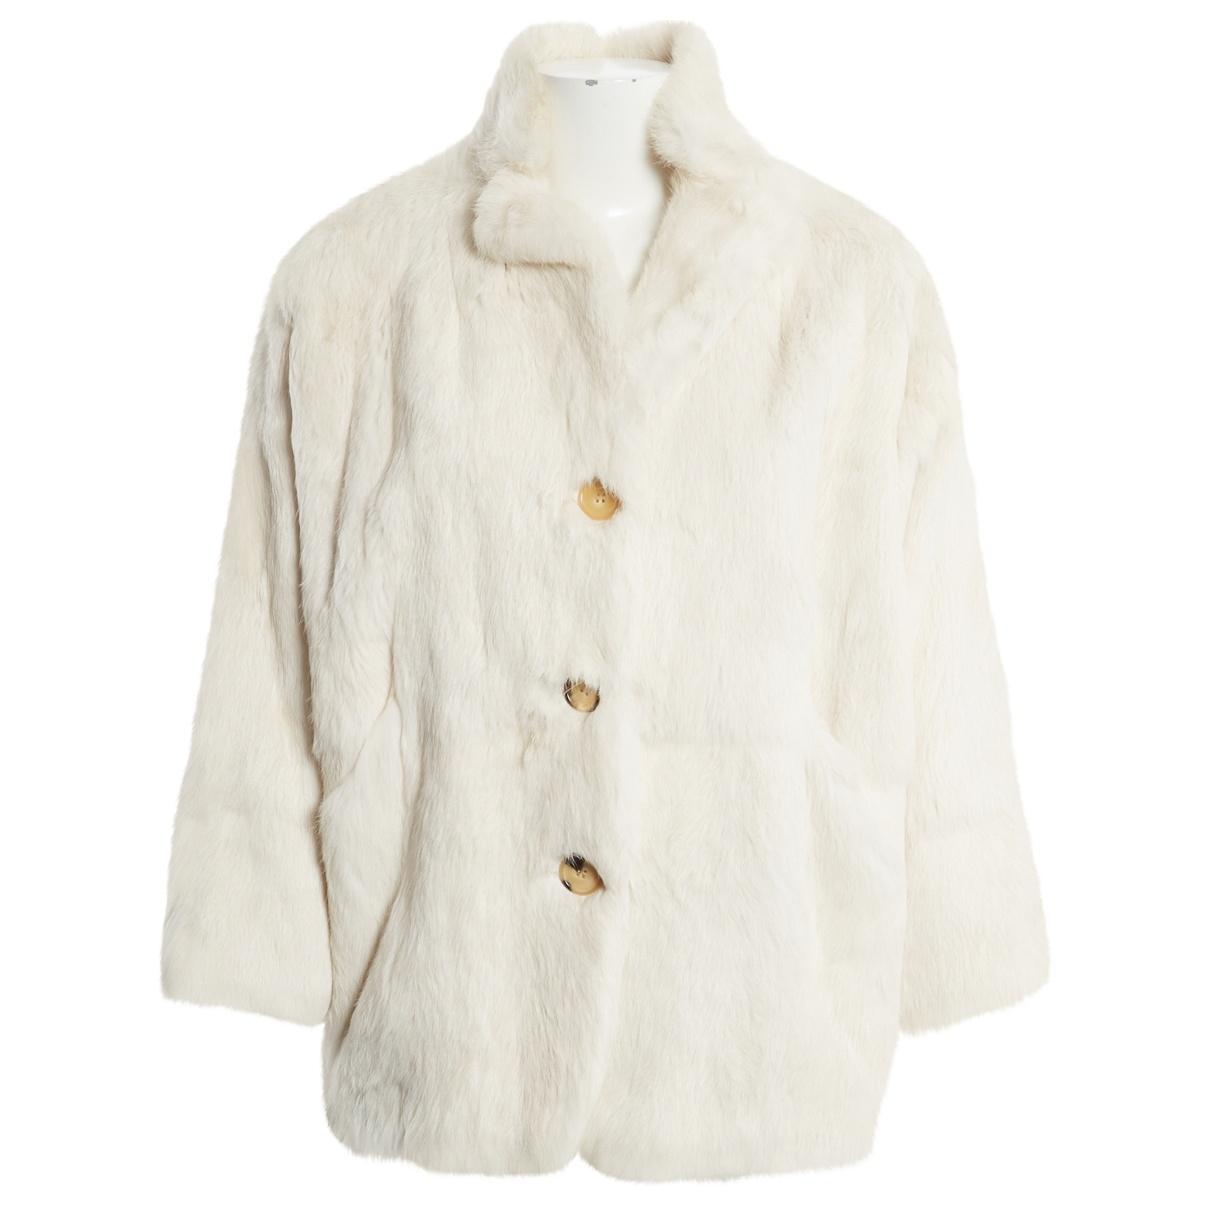 Isabel Marant \N Ecru Rabbit coat for Women 0 0-5